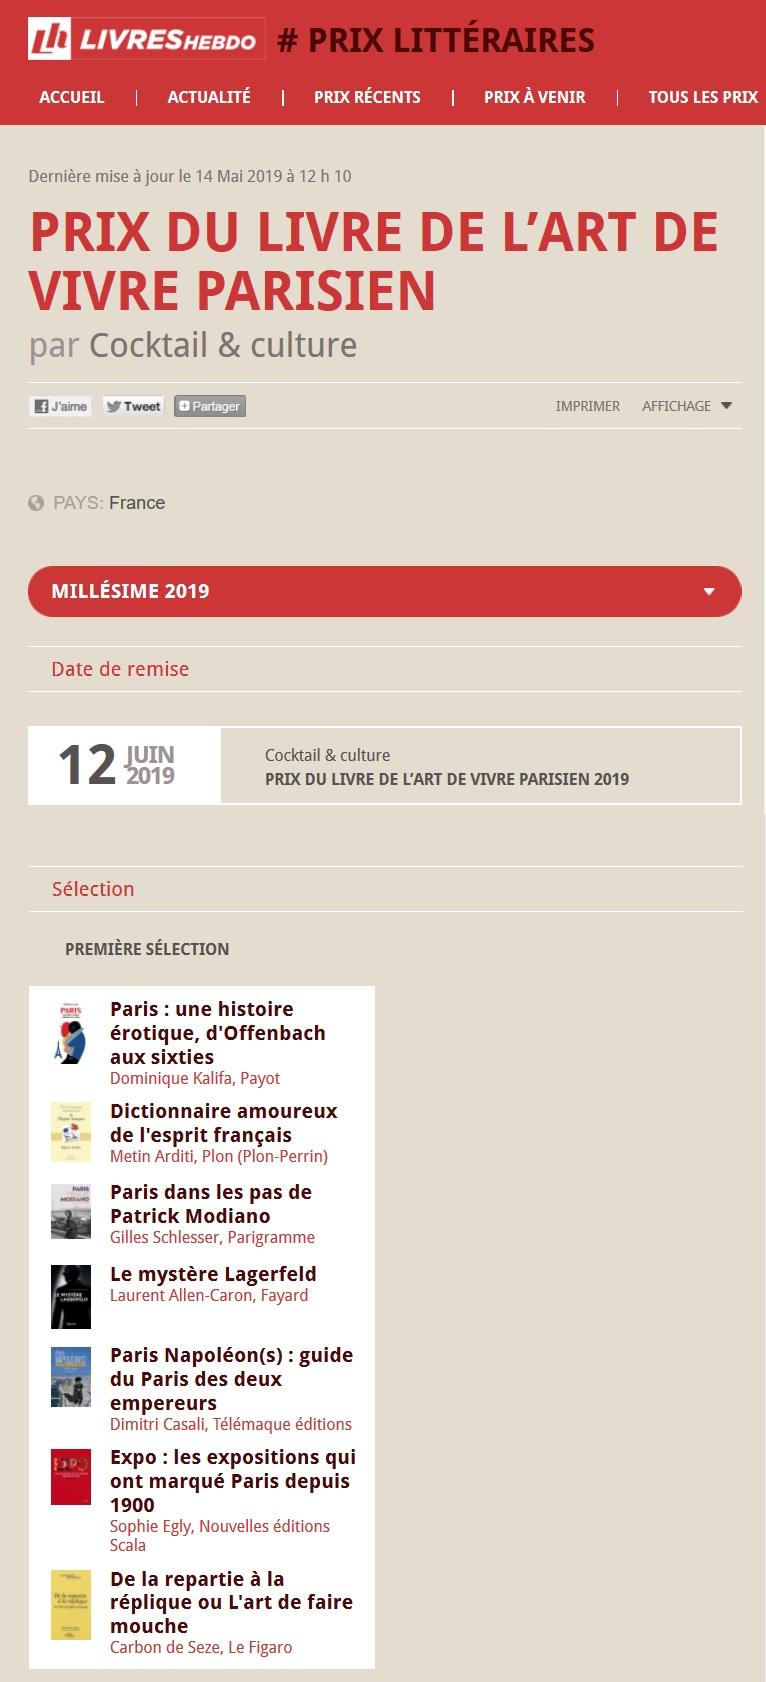 Article Livres Hebdo Prix du Livre de L'art de Vivre Parisien 2019